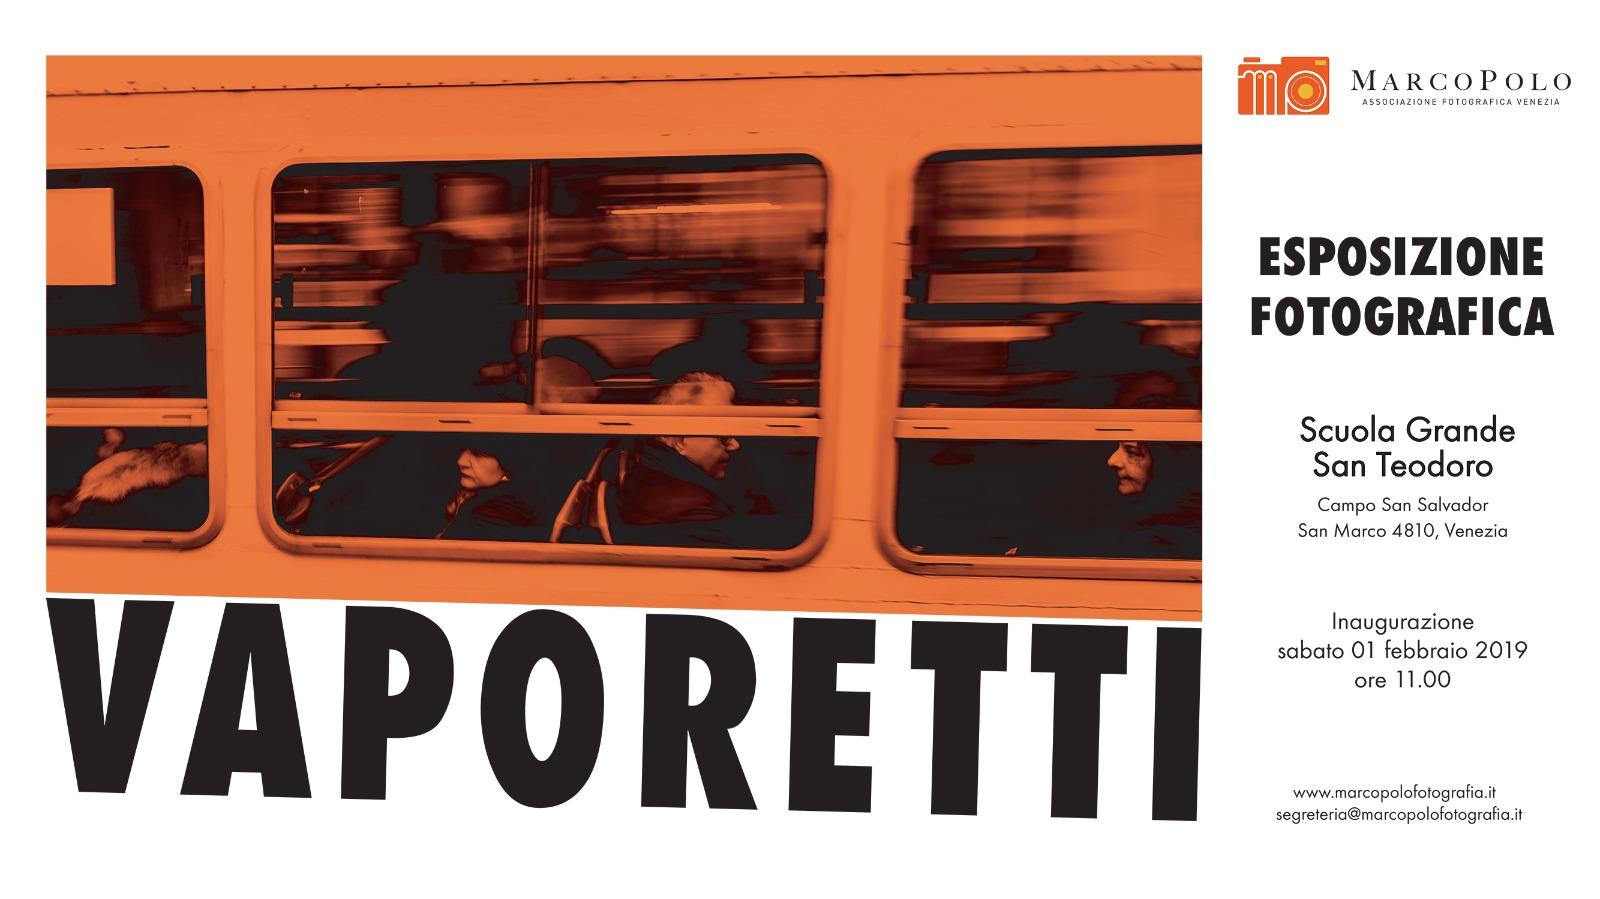 Vaporetti - invito